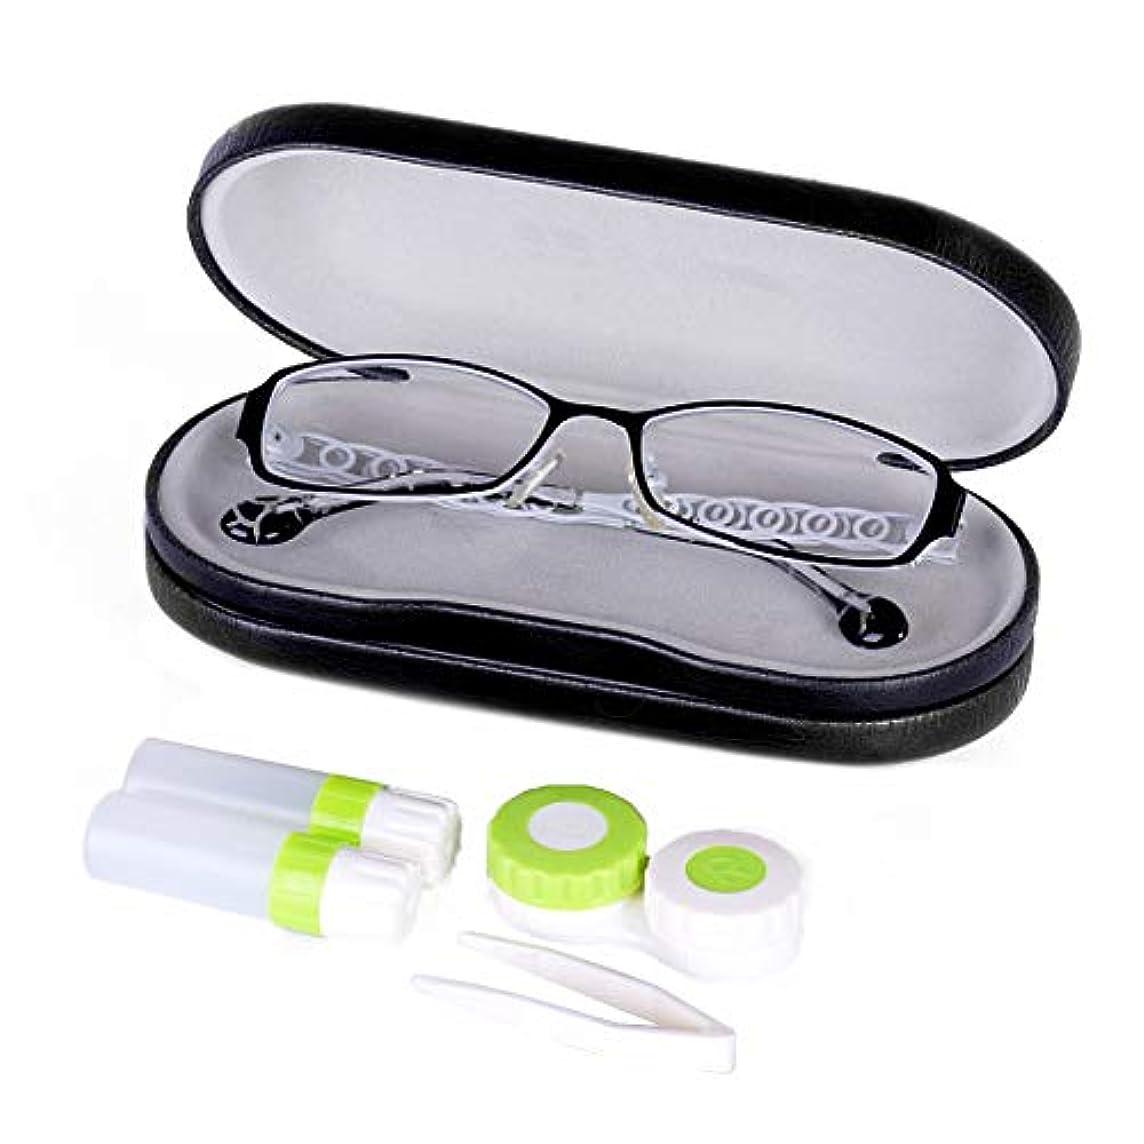 重要な役割を果たす、中心的な手段となる商標エアコンColdwhite 眼鏡ケース ハード 両用 メガネケース 旅行用に革新的なコンタクトレンズケース両面メガネ収納ケース 小瓶と一対のコンタクトレンズピンセット付き 16x7x5cm